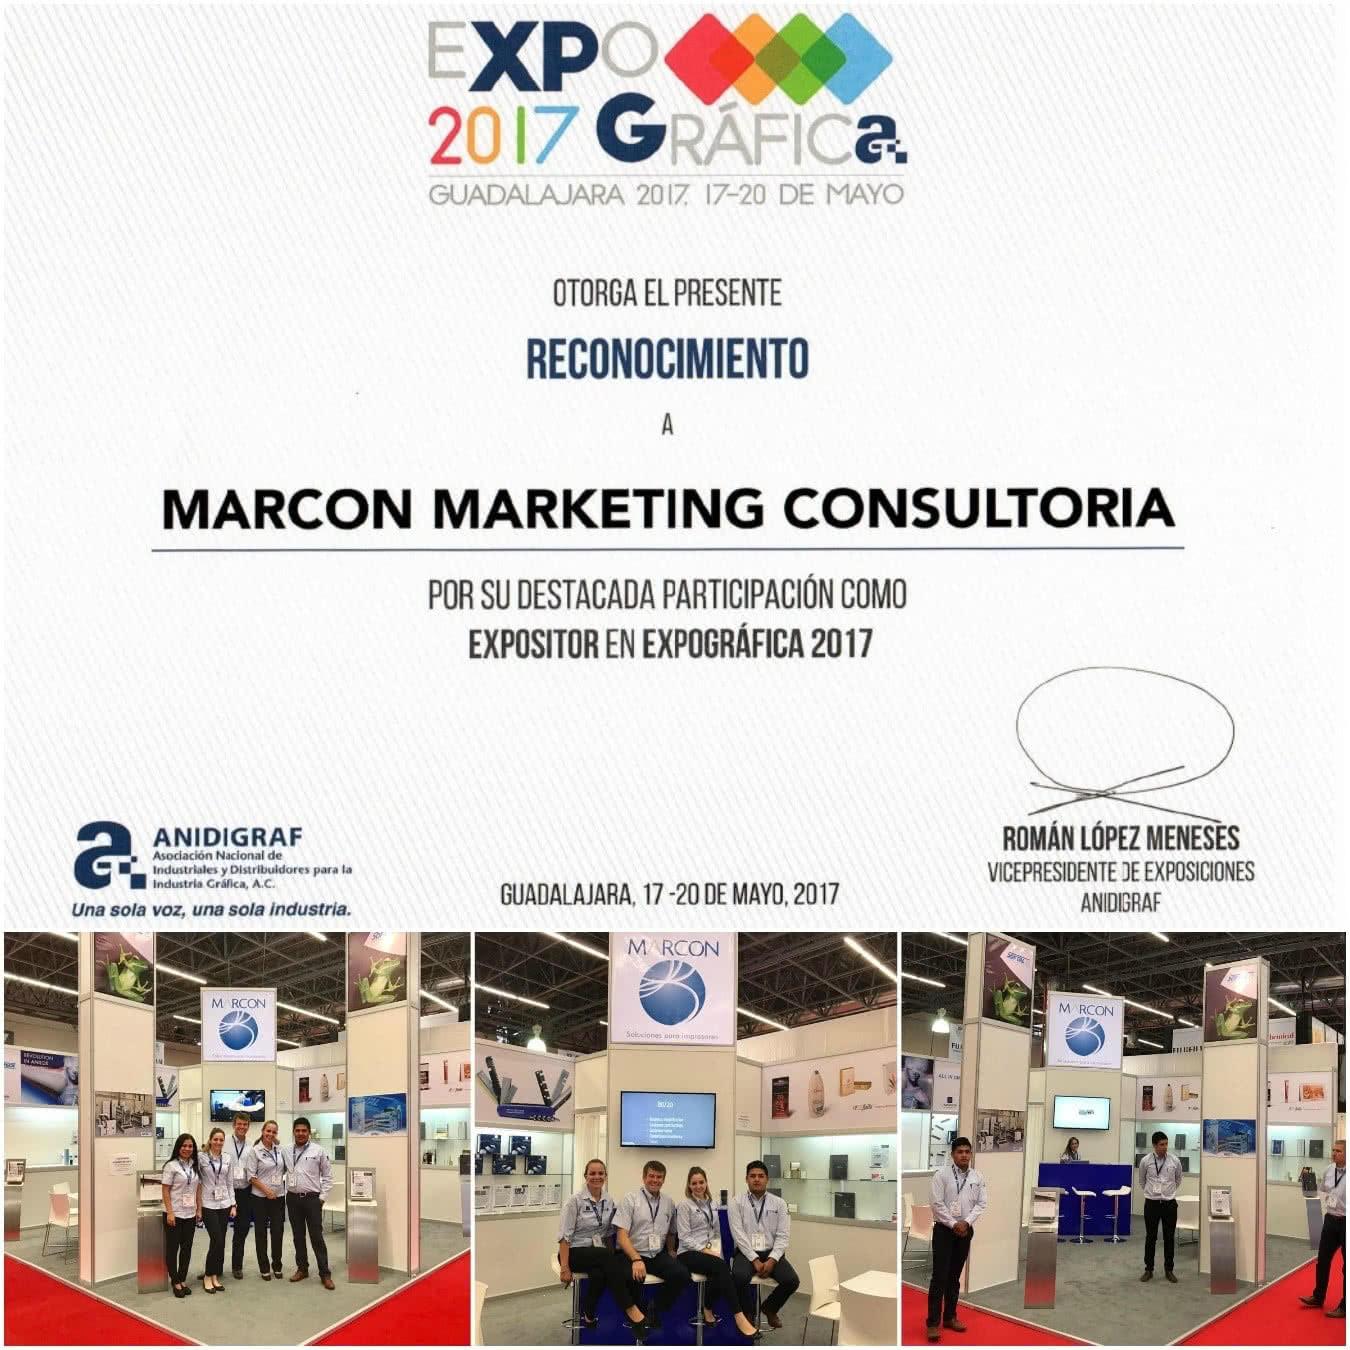 expo-grafica-2017-reconocimiento